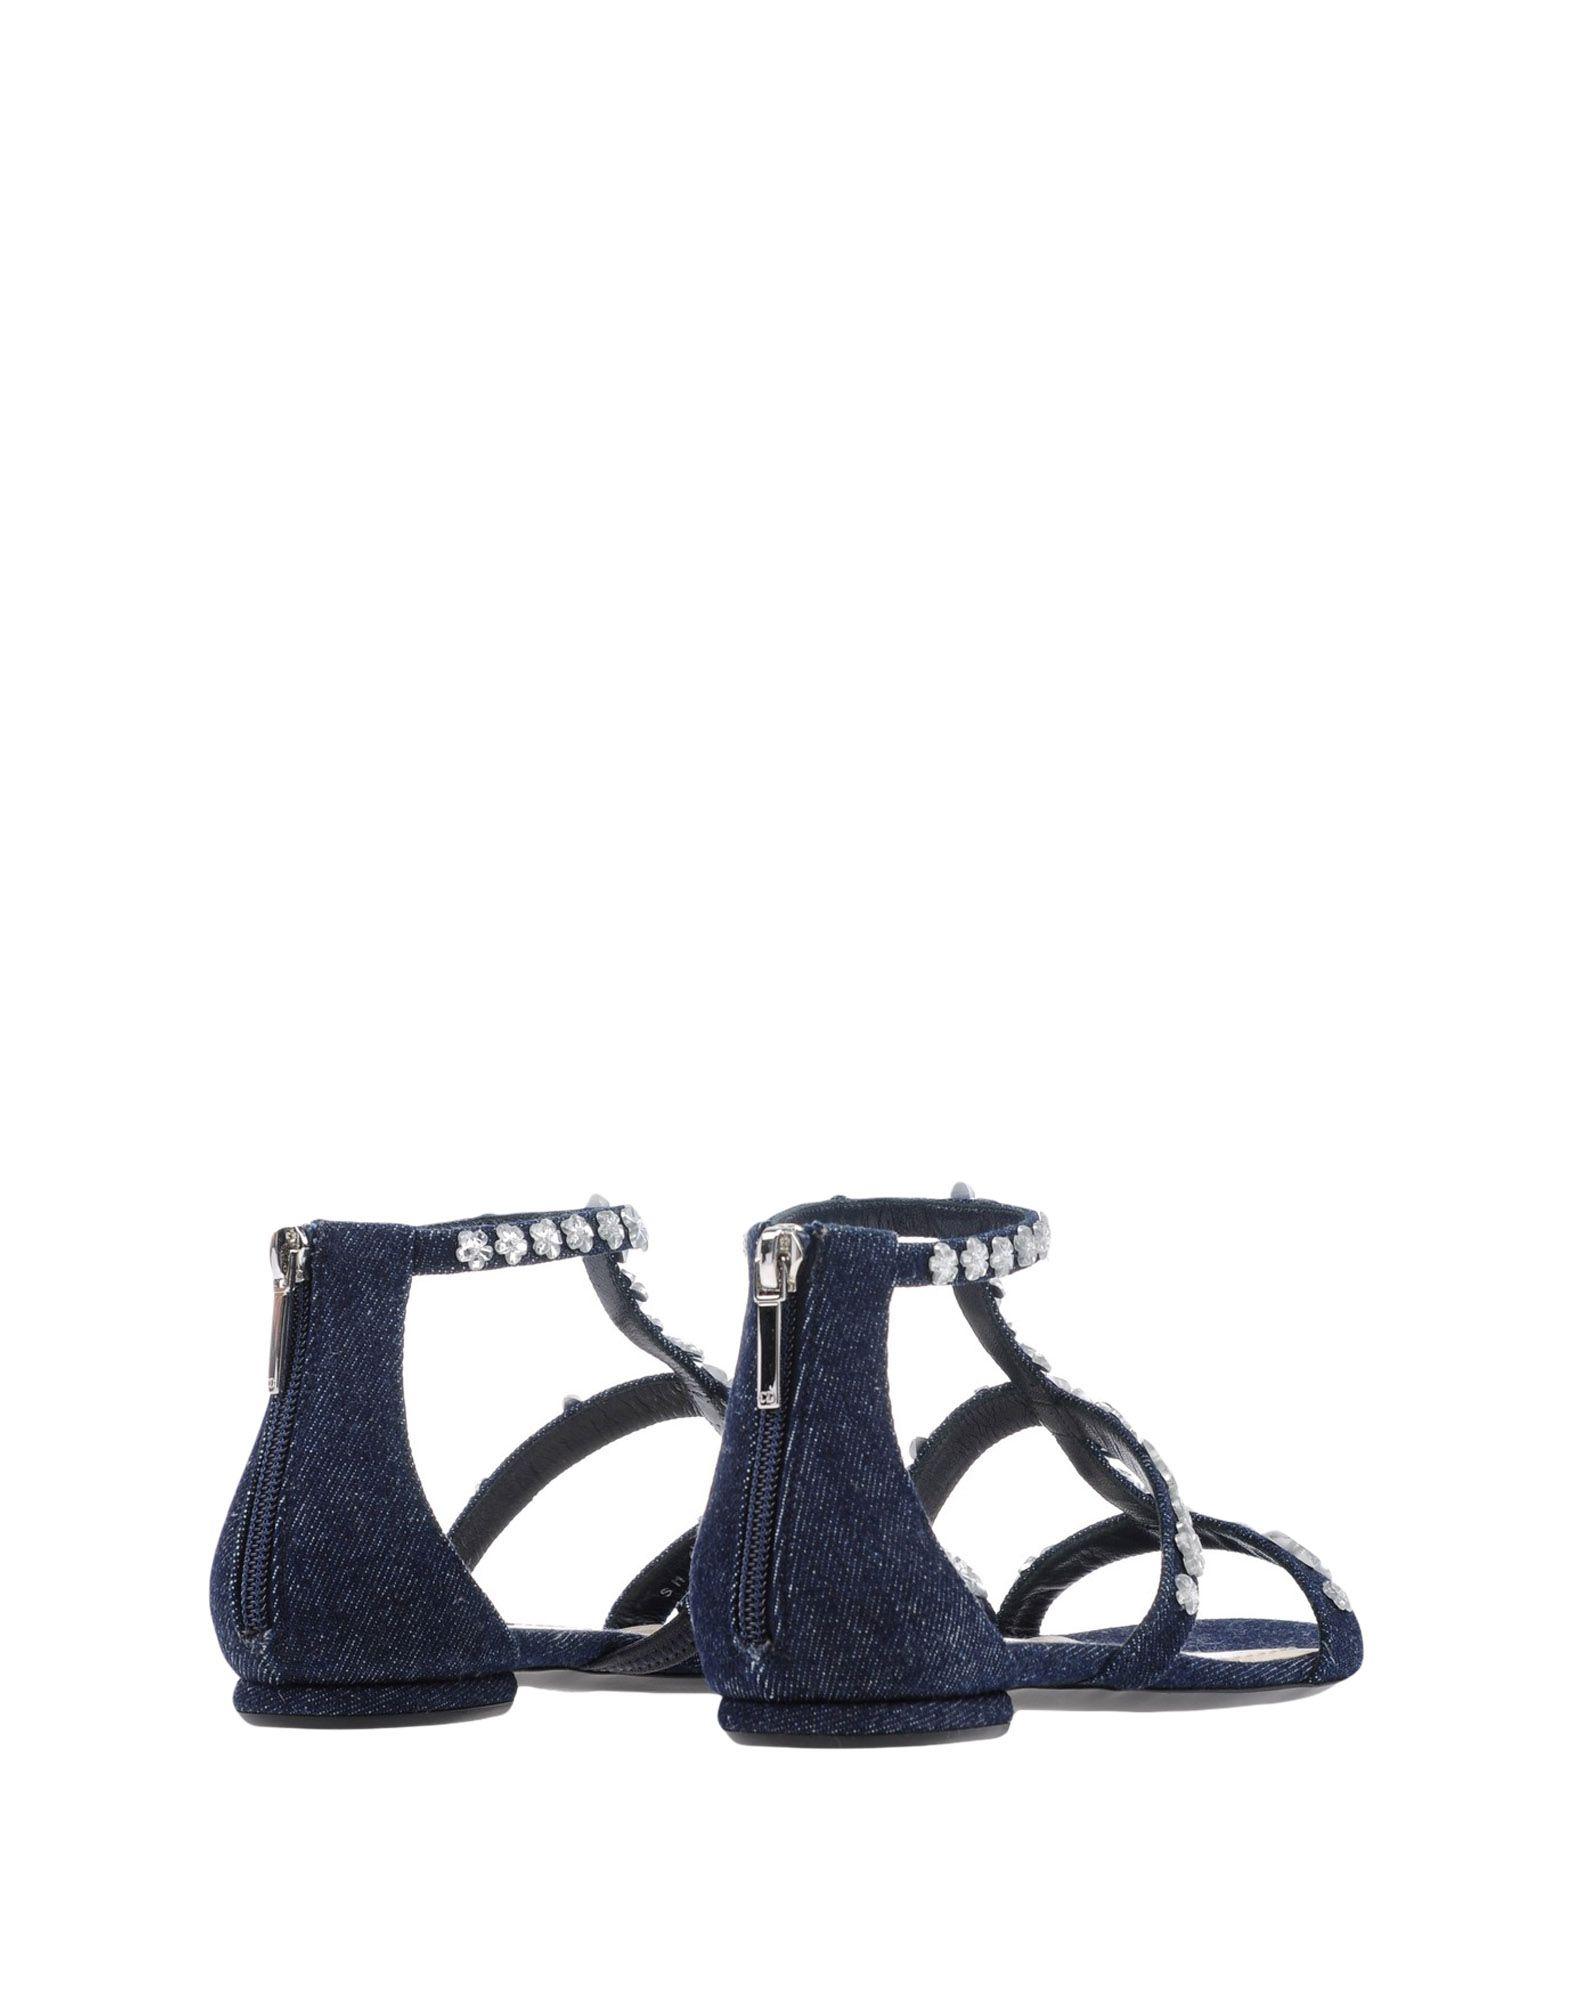 Sandales Dior Femme - Sandales Dior sur